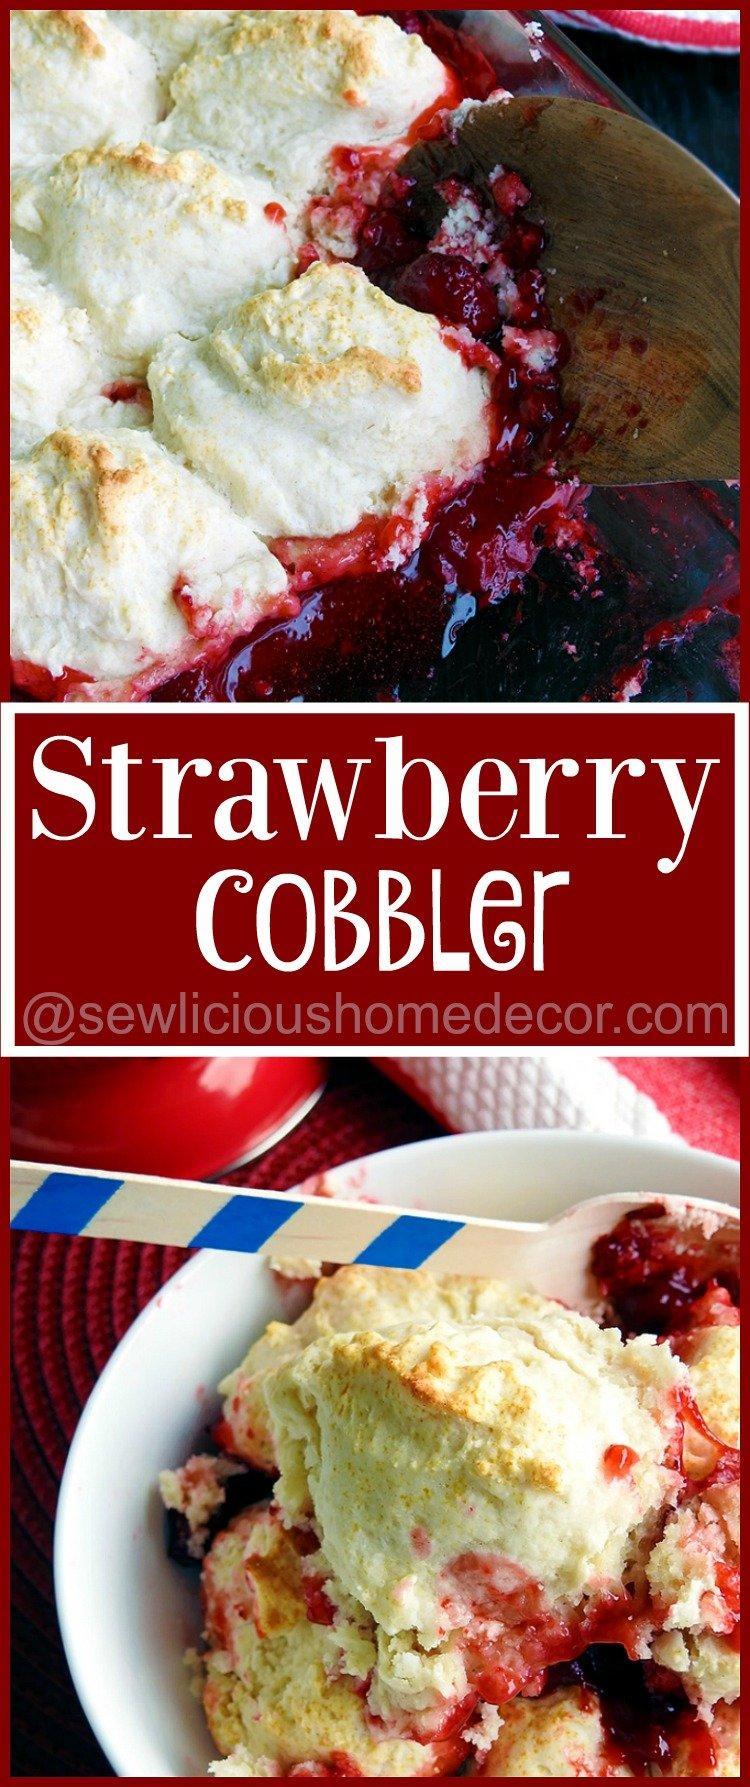 The best Strawberry Cobbler for summertime. sewlicioushomedecor